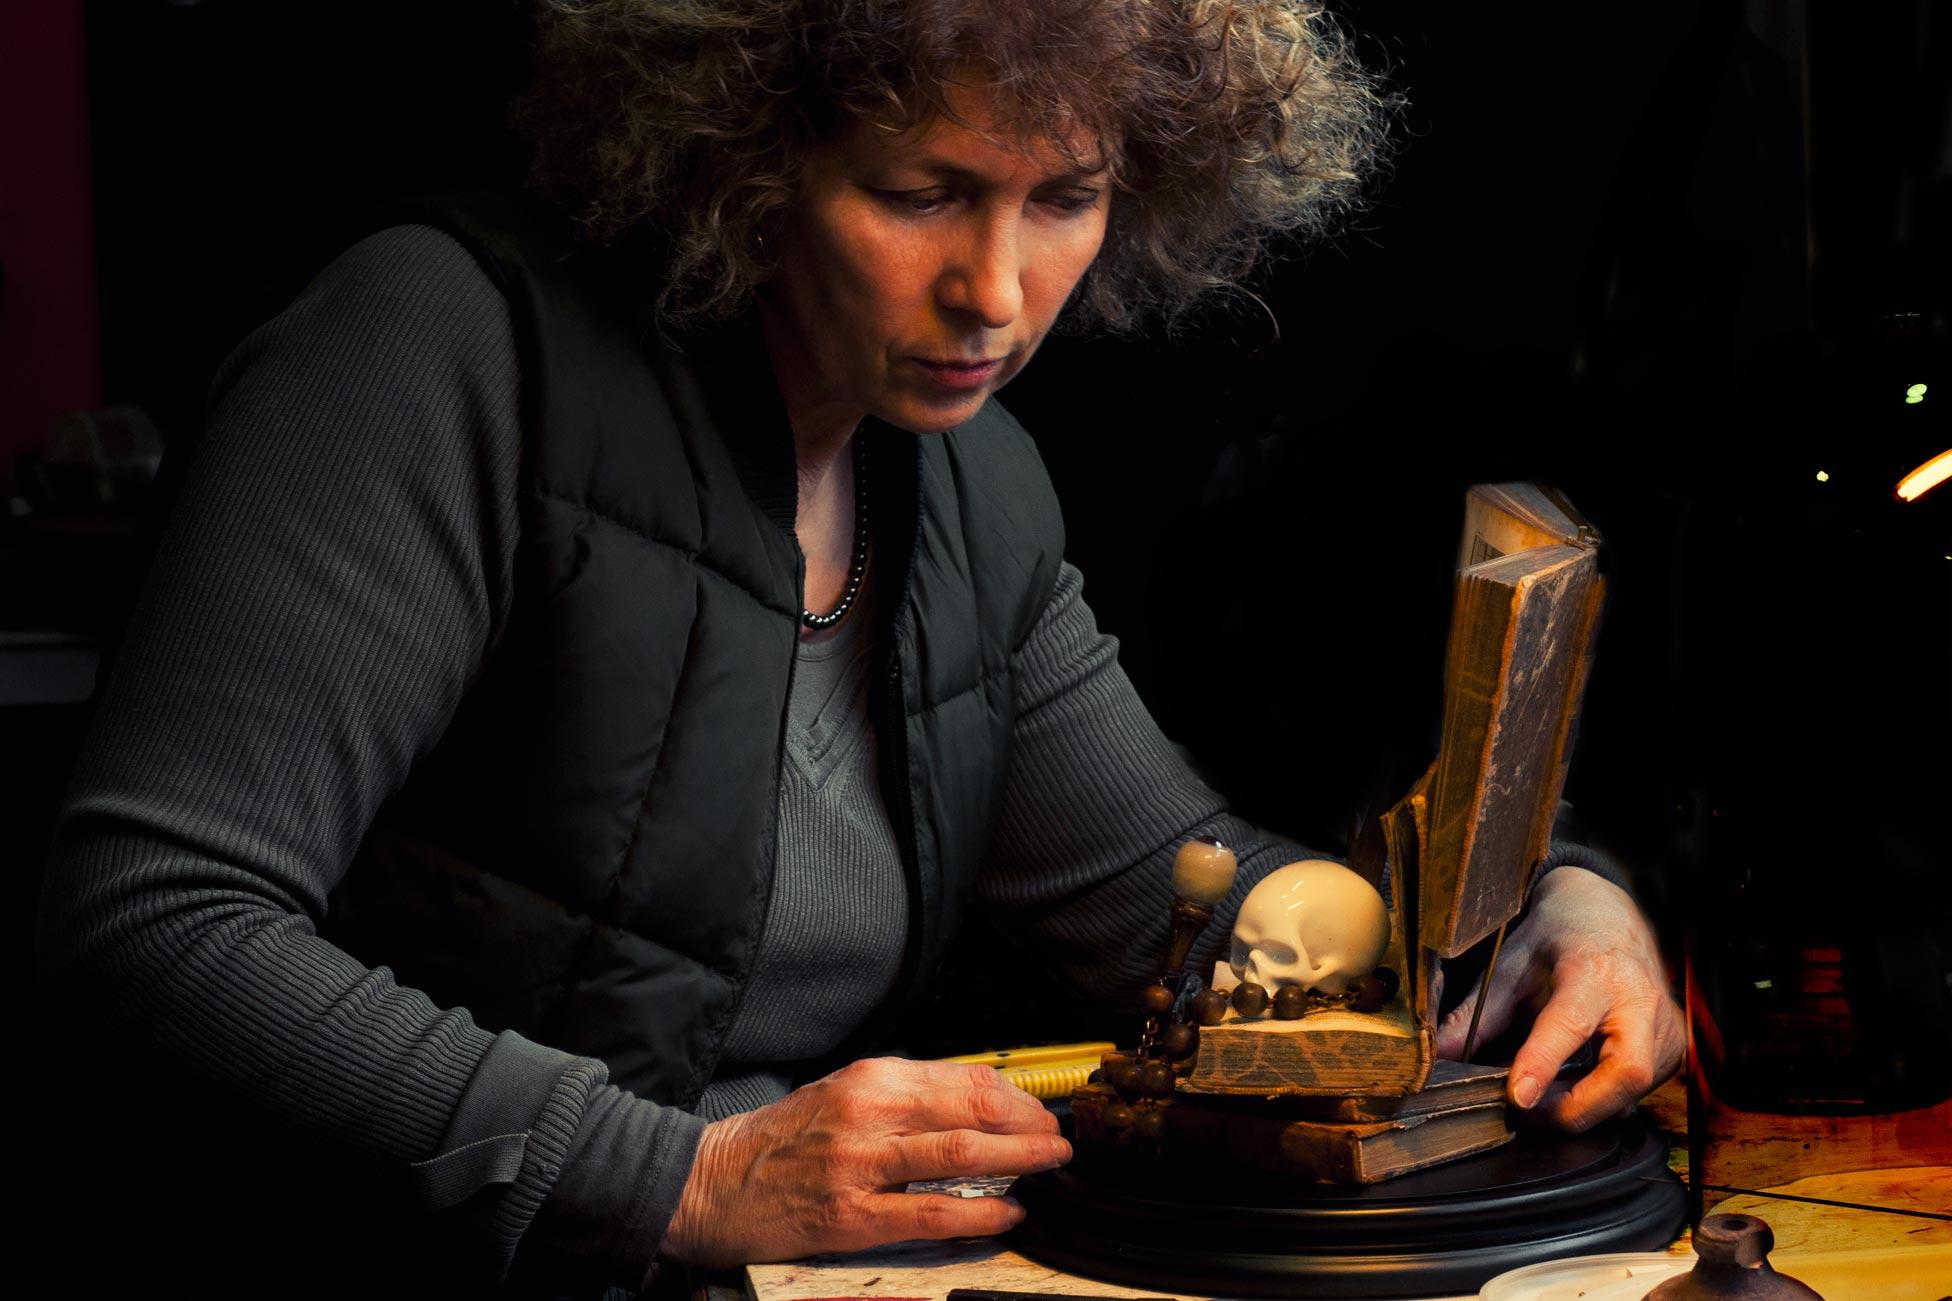 Photographie d'une créatrice en plein travail dans son atelier